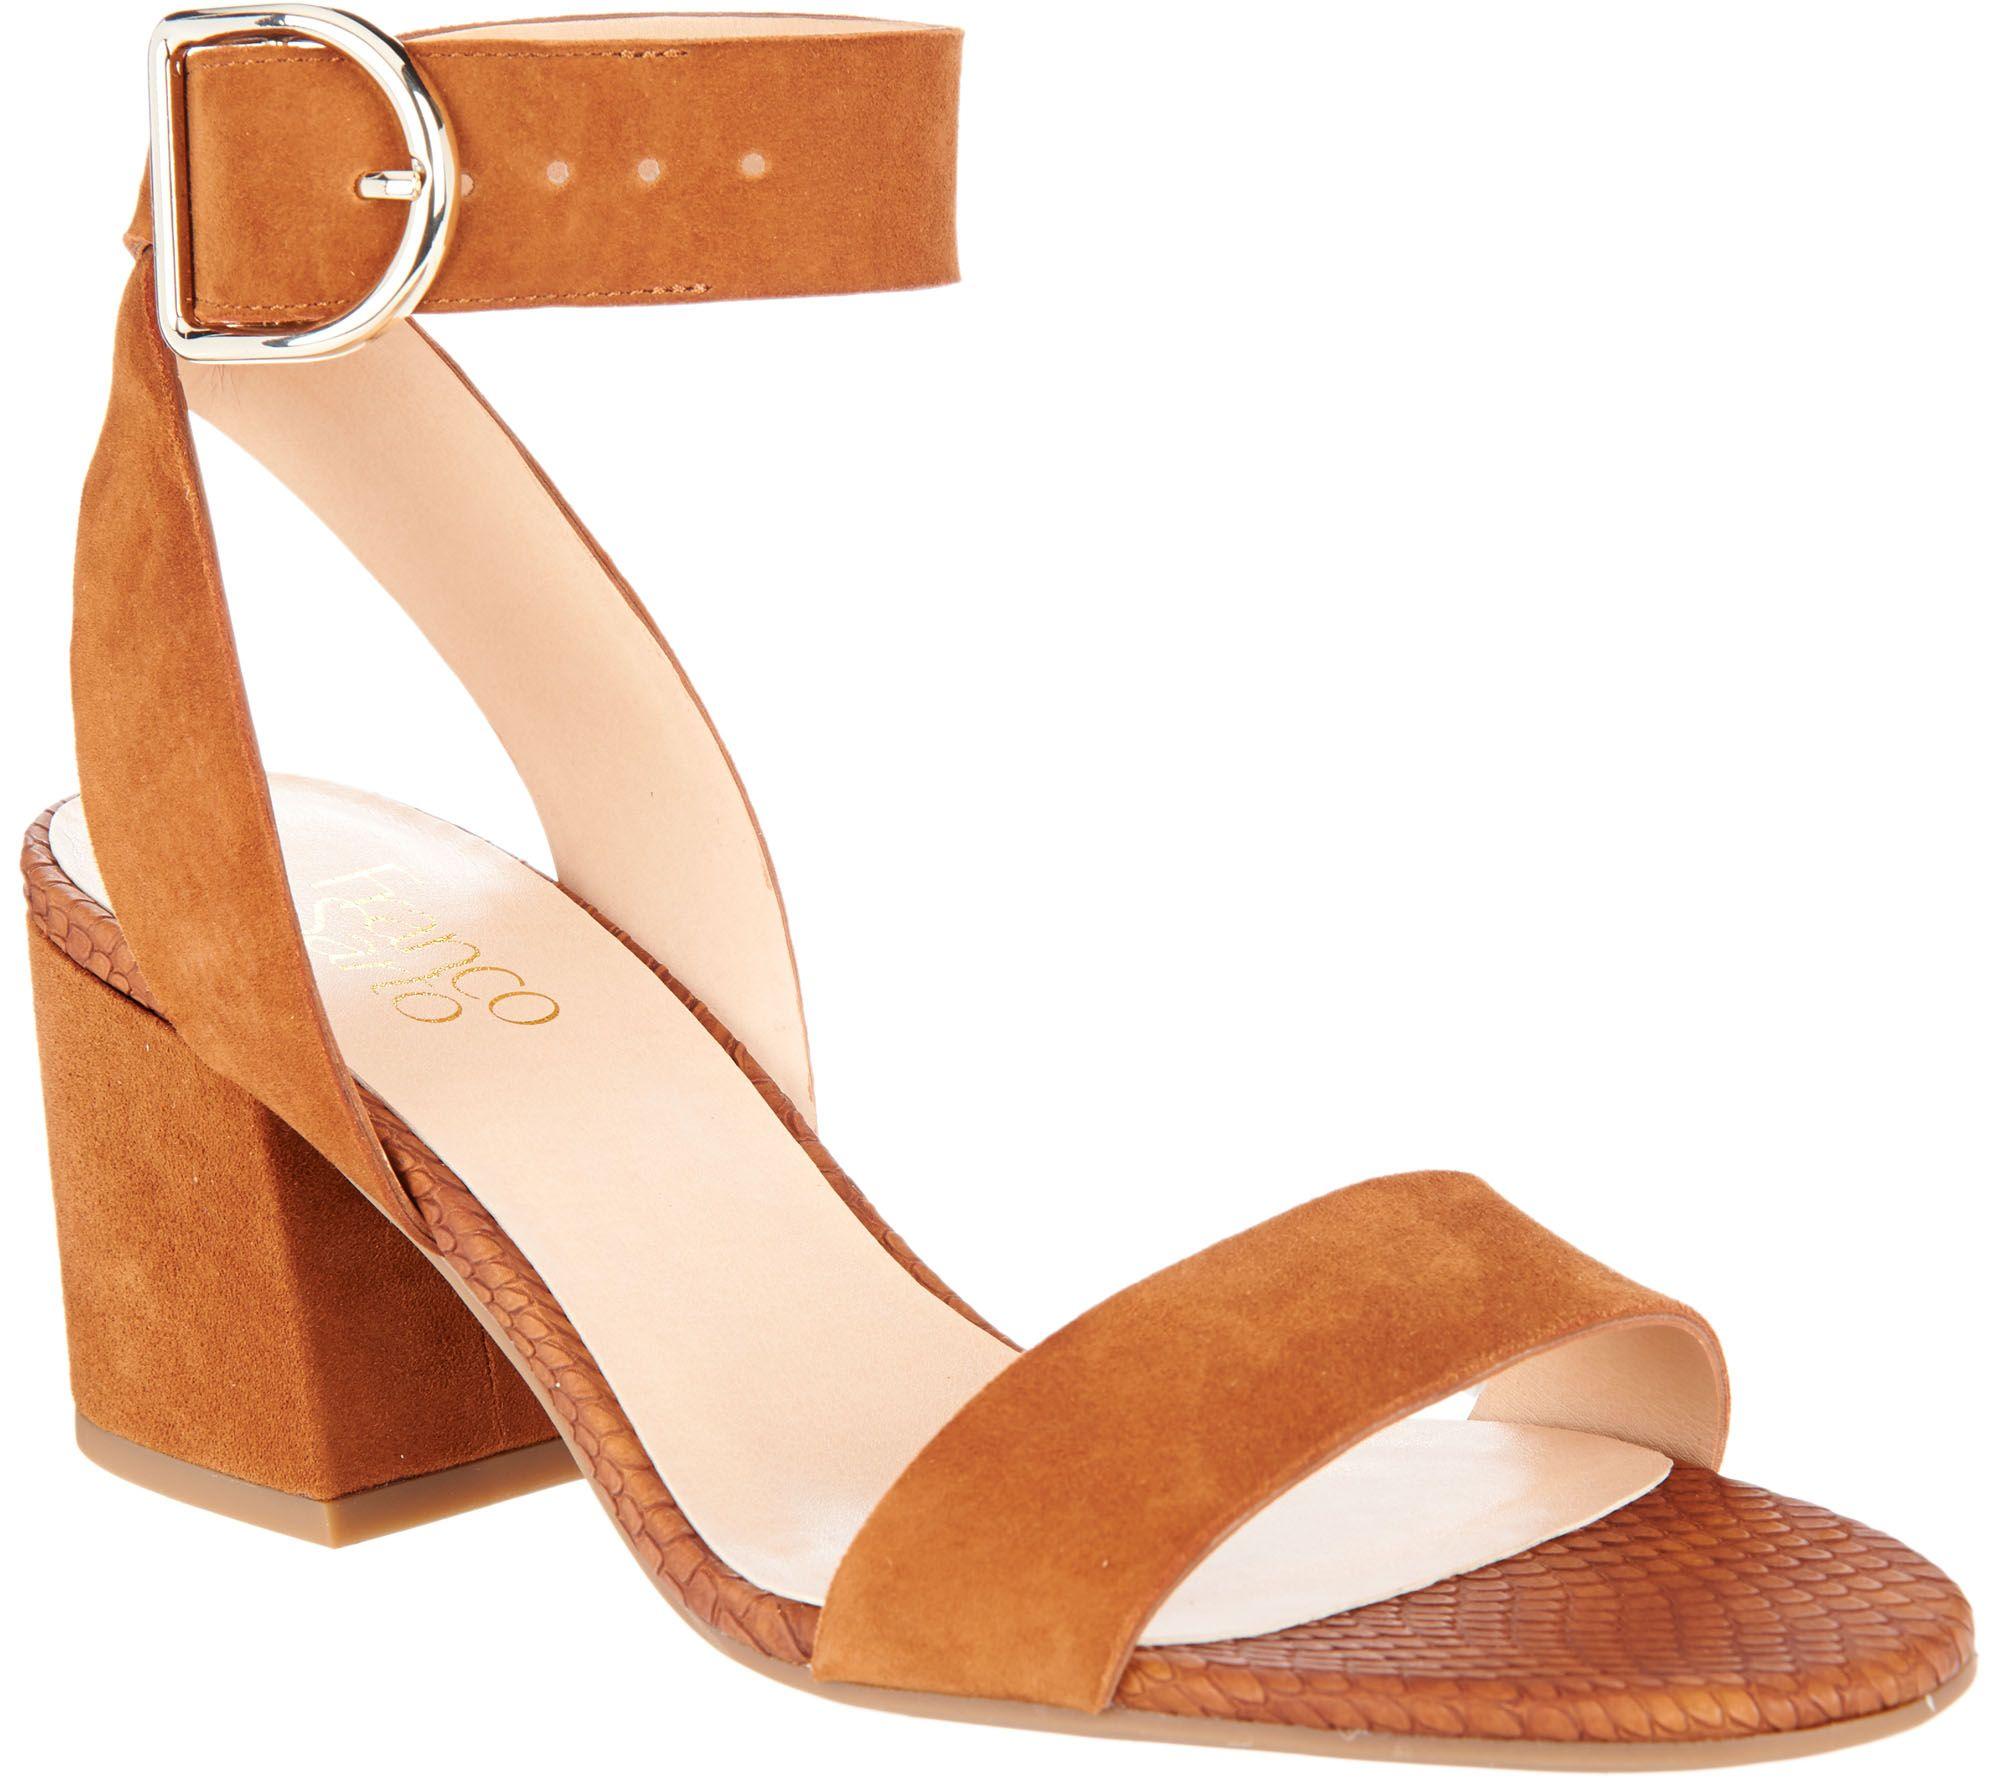 60c09ad3dc59 Franco Sarto Suede Block Heel Sandals - Marcy - Page 1 — QVC.com